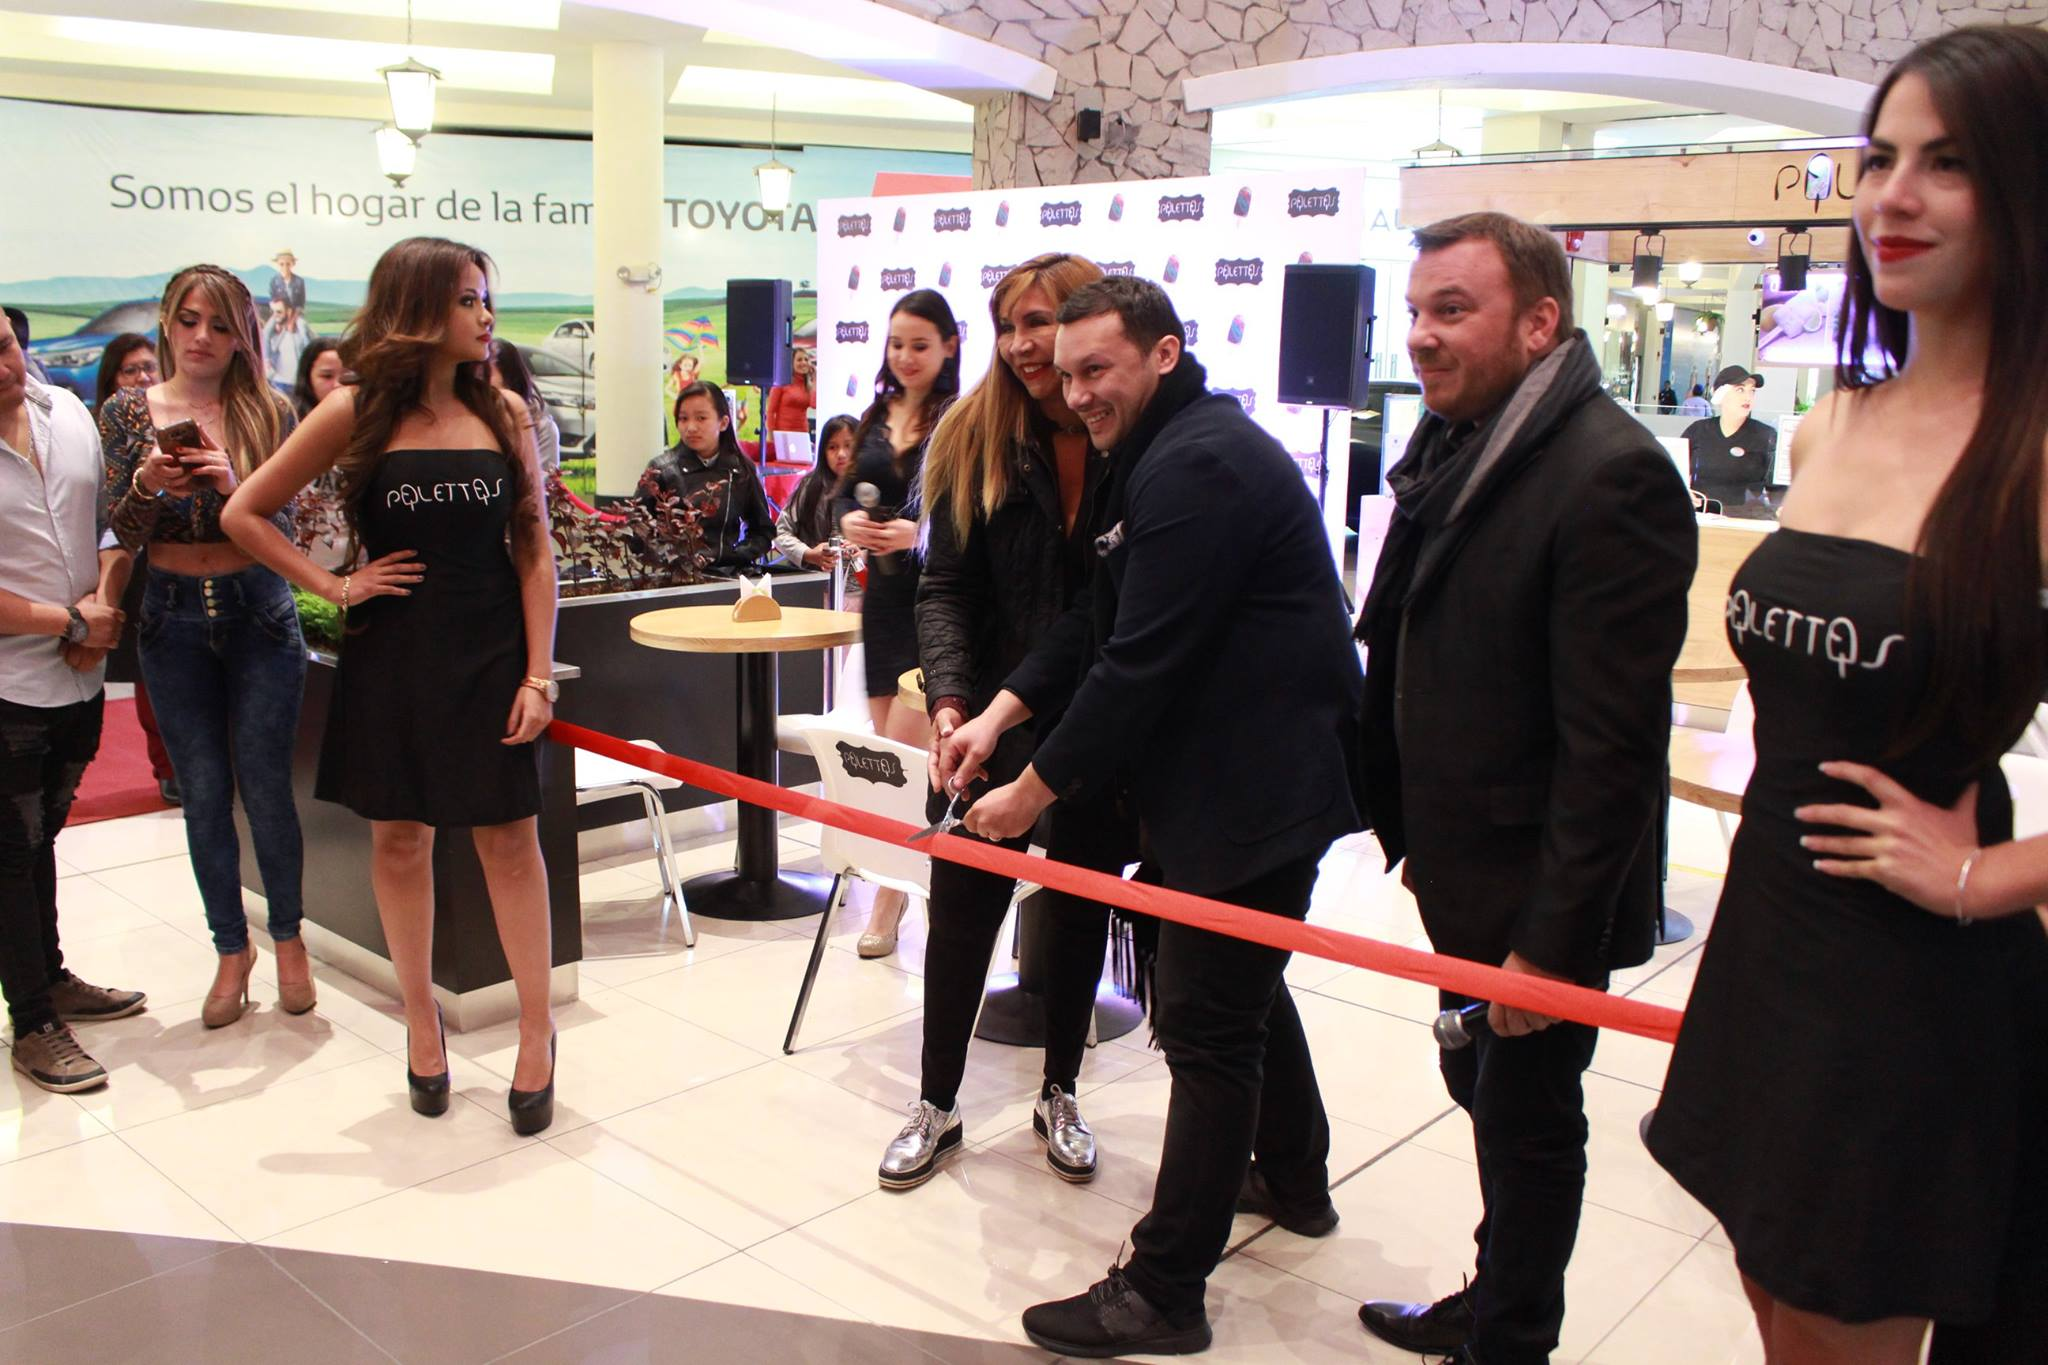 Palettas 3 - Palettas abre nuevos puntos de venta en malls de Arequipa